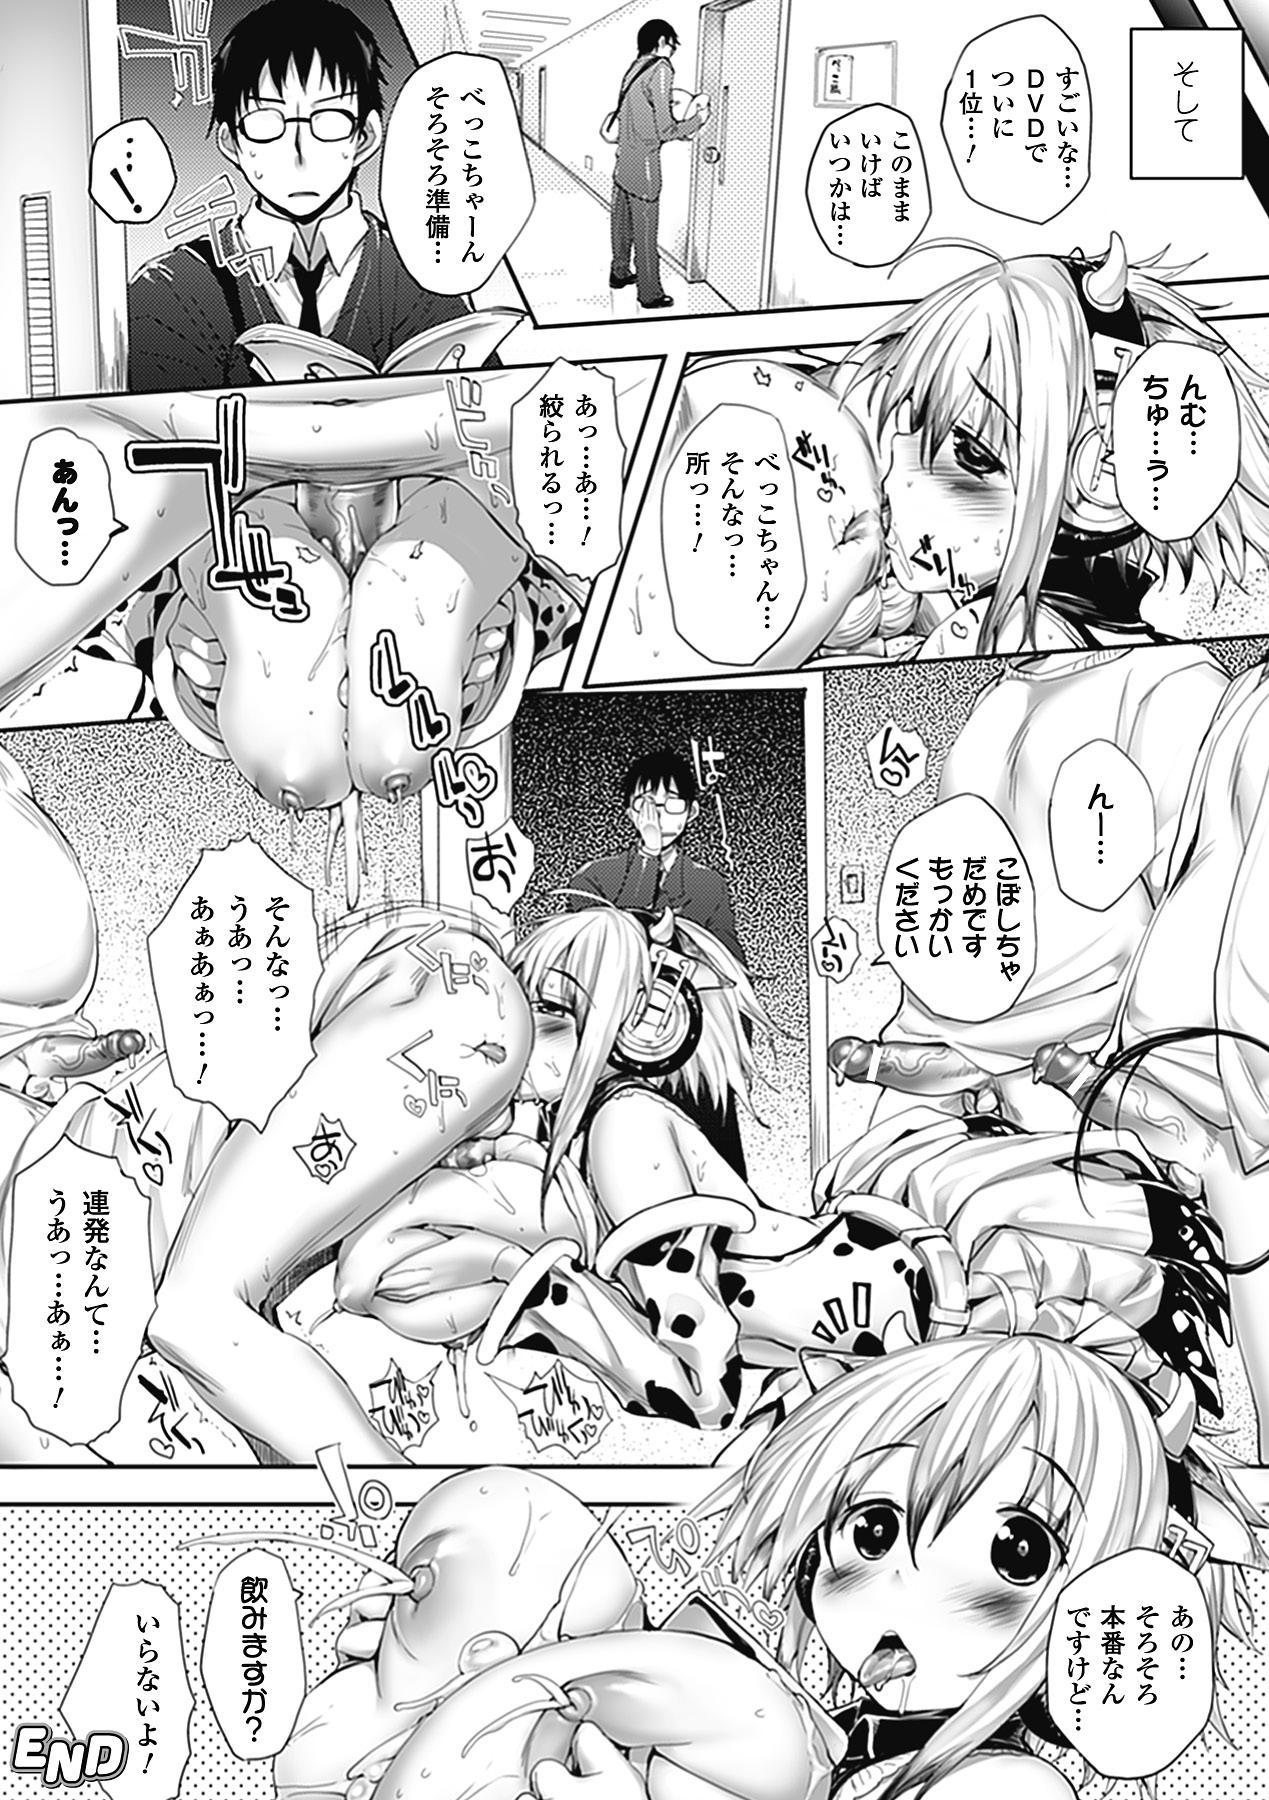 Bessatsu Comic Unreal Bakunyuu Fantasy Digital Ban Vol. 1 19